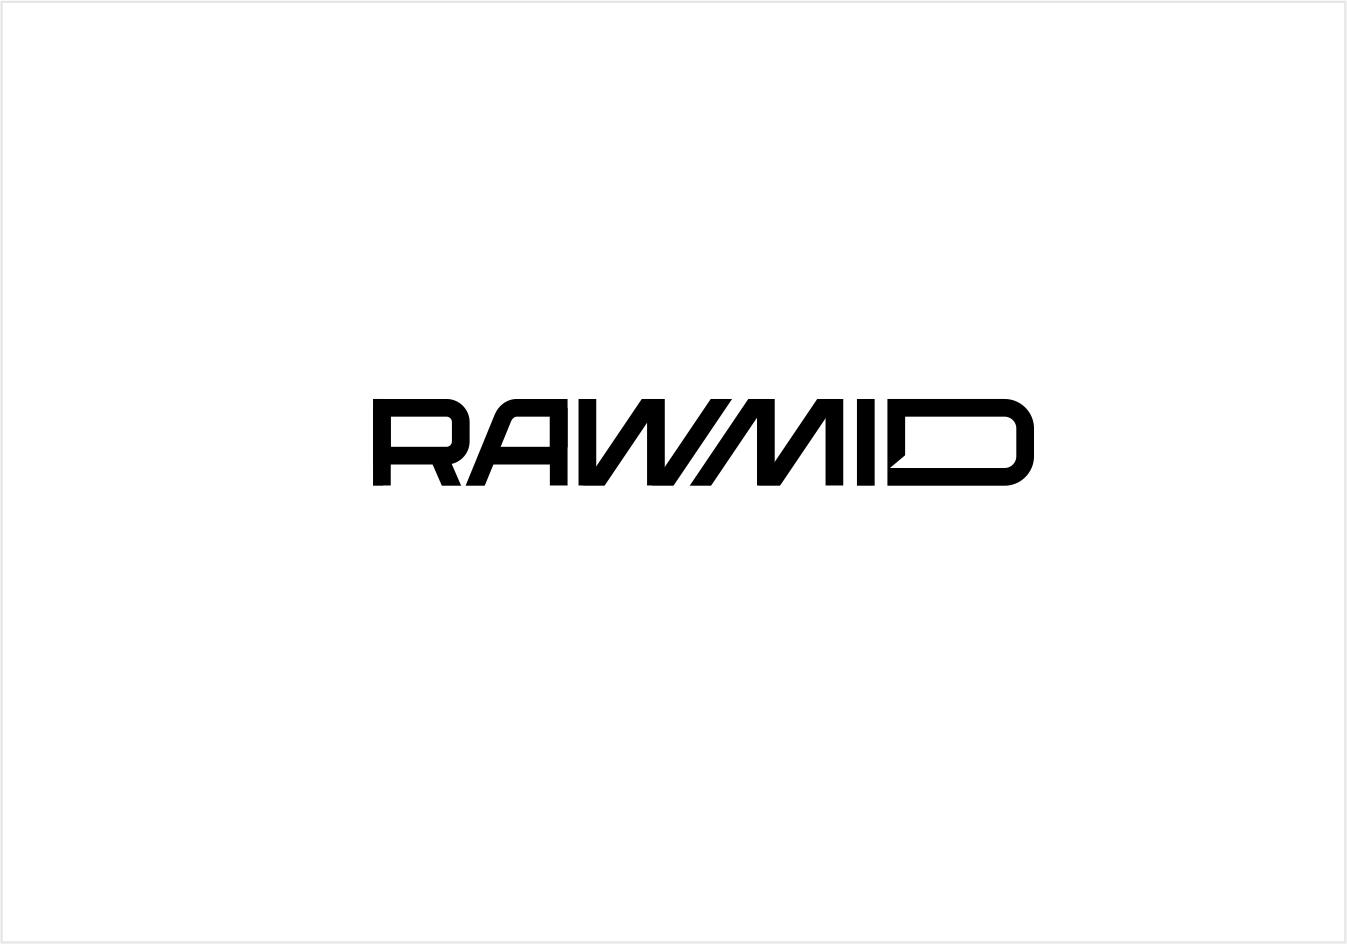 Создать логотип (буквенная часть) для бренда бытовой техники фото f_3875b34e8397906a.jpg